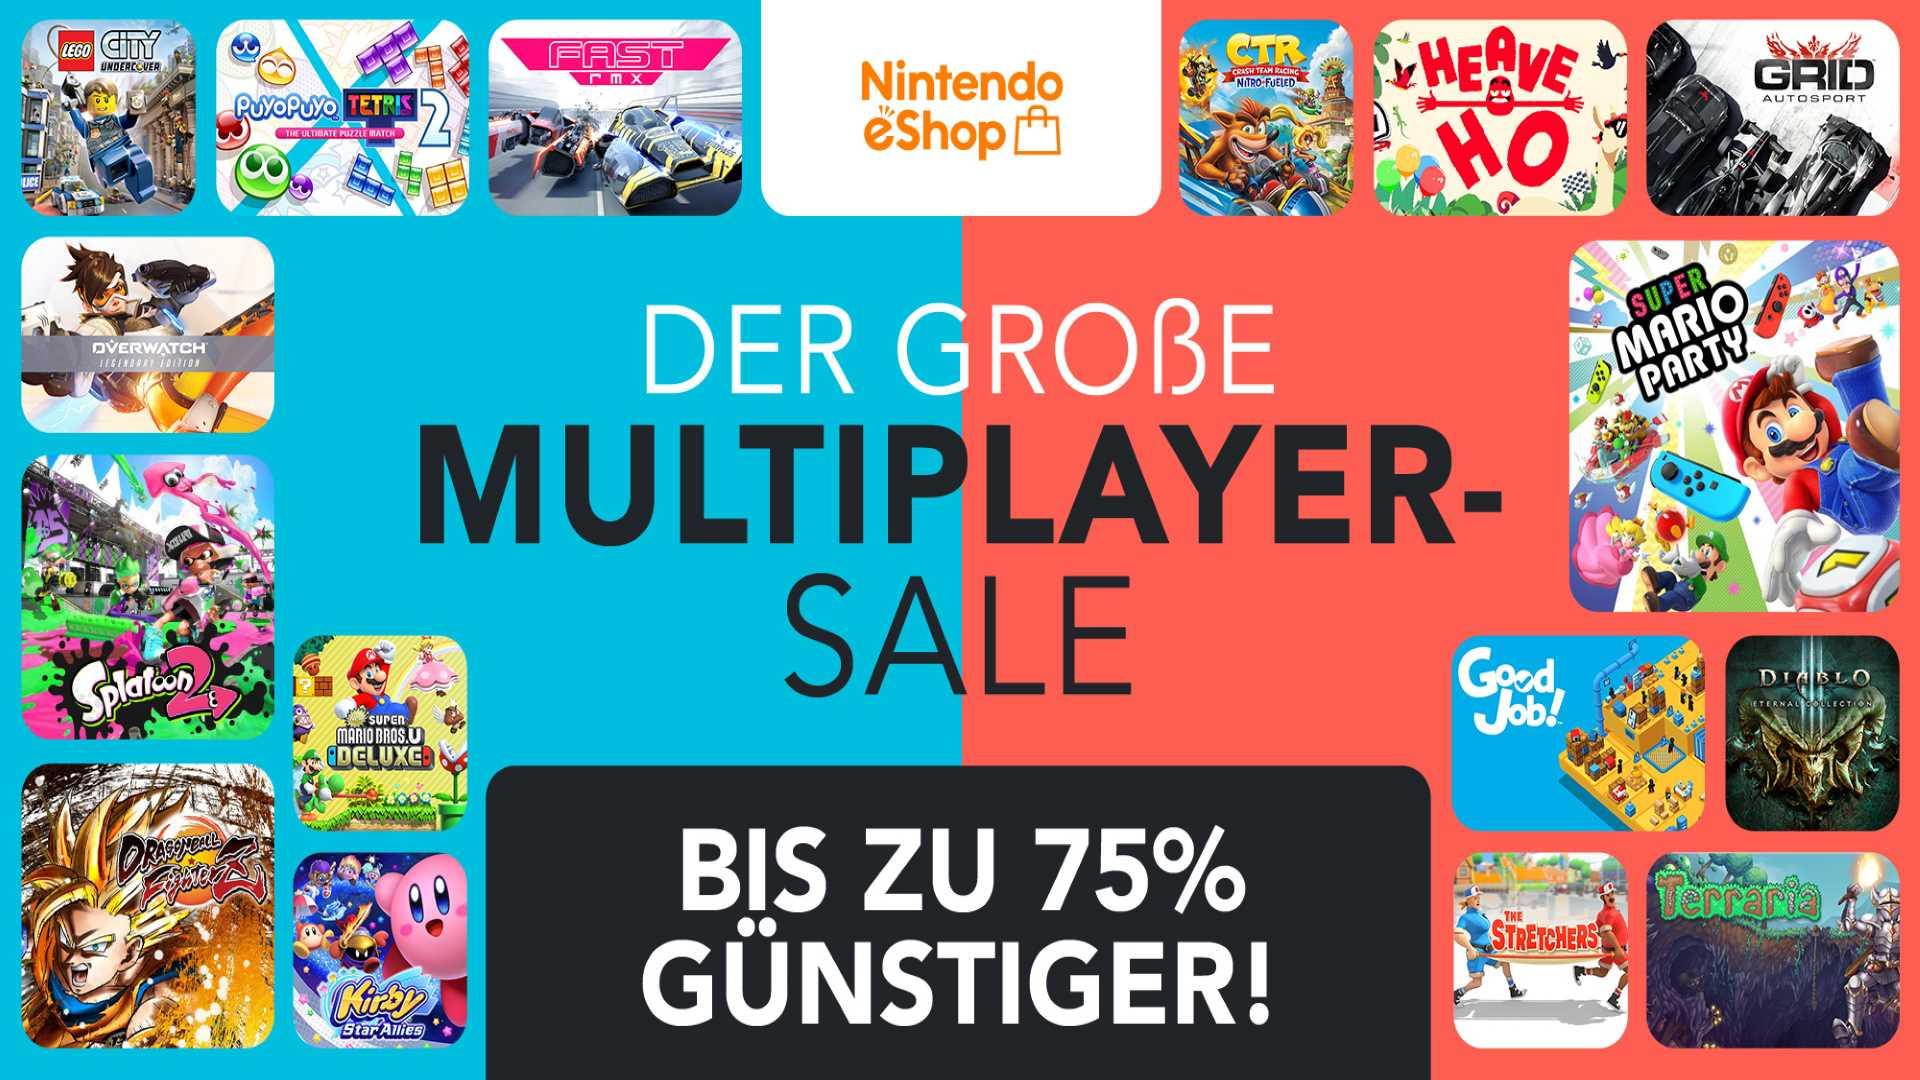 Nintendo eShop Multiplayer Sale - Keyart